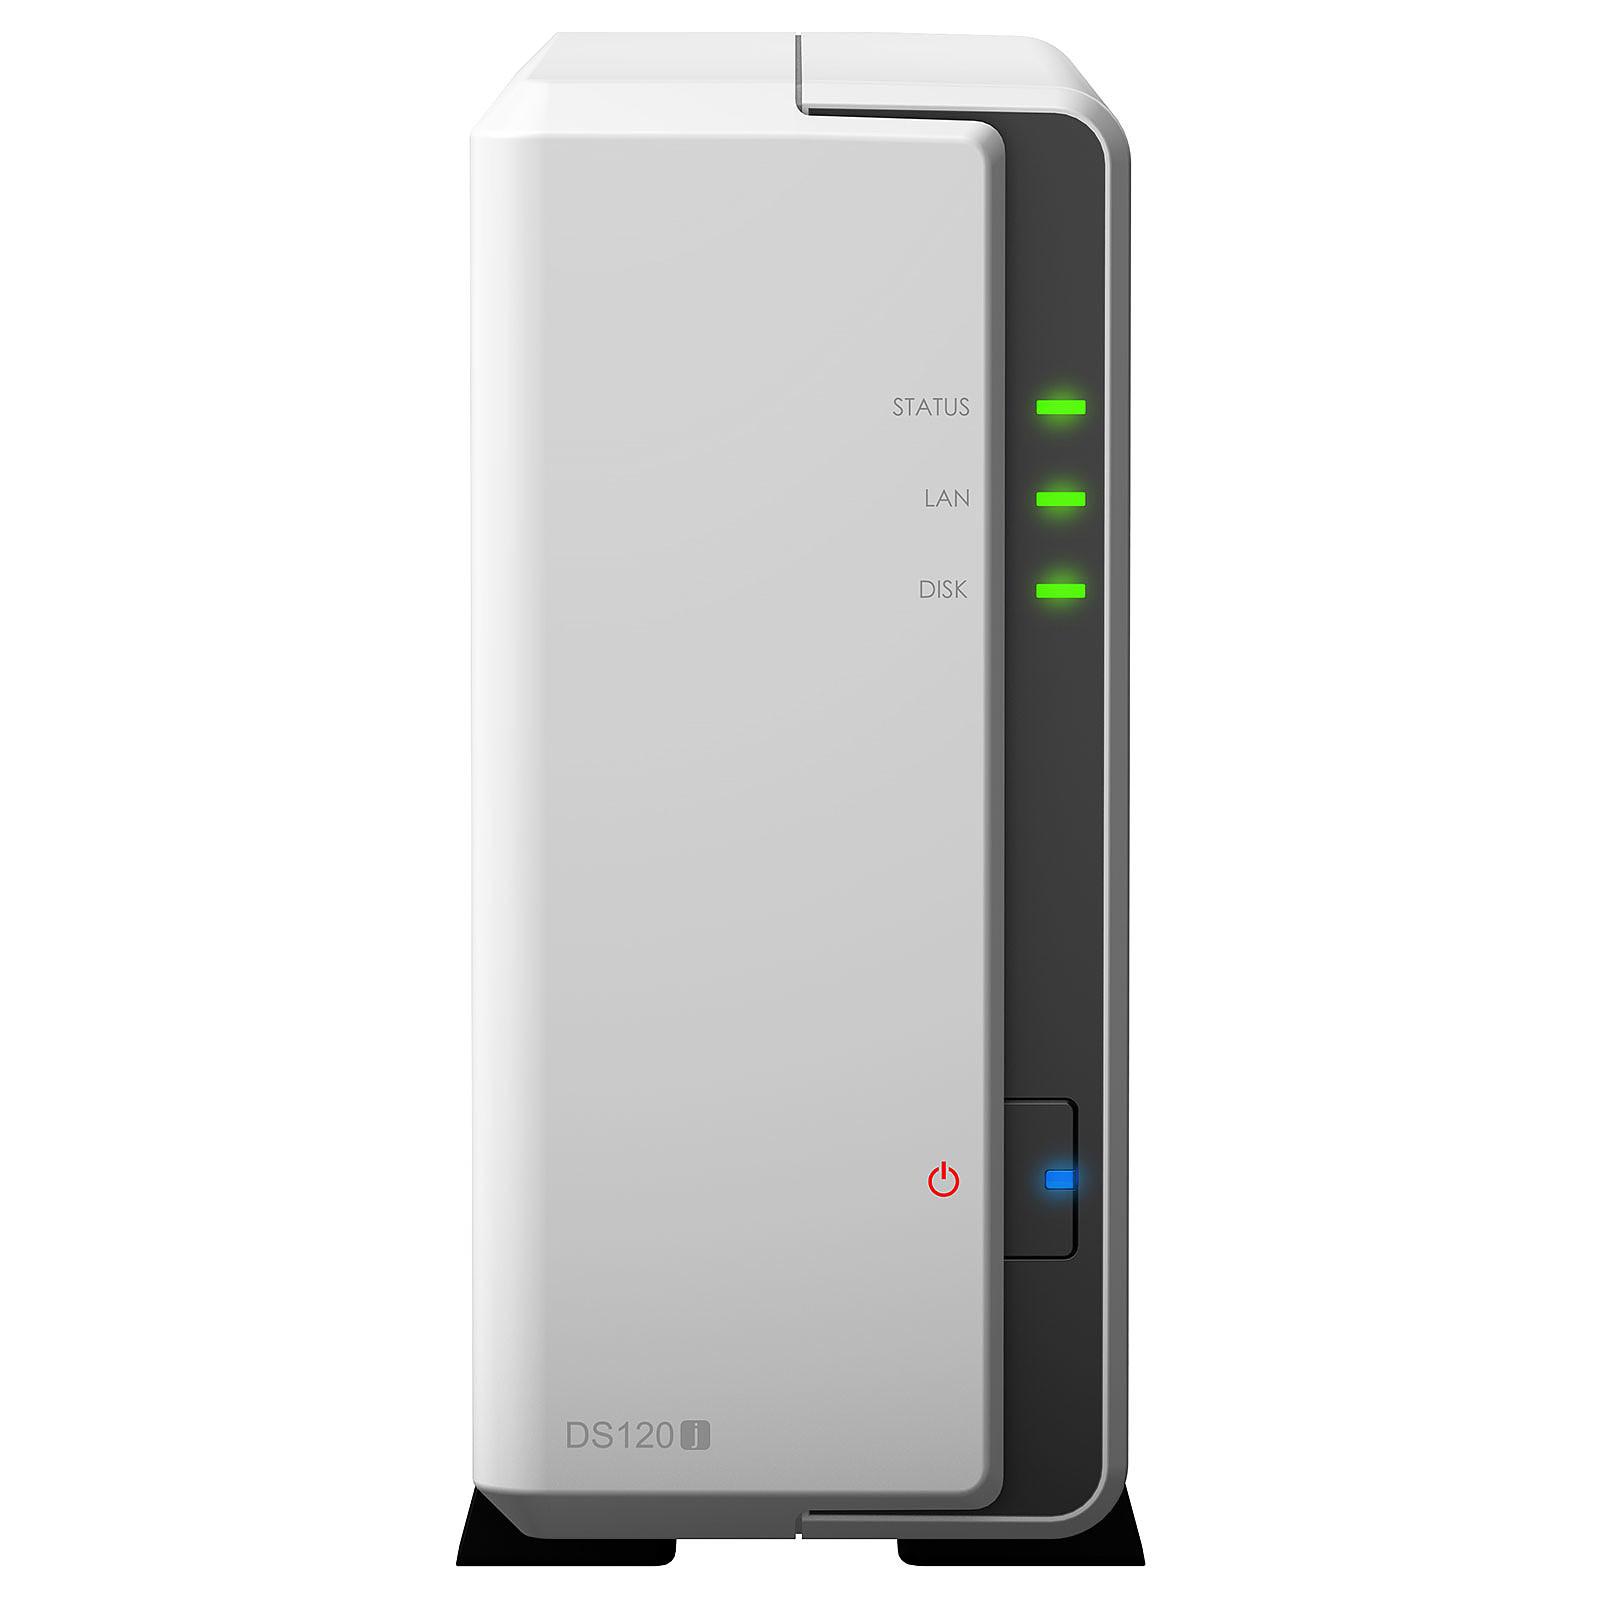 Serveur NAS Synology DS120j pour 1 disque dur SATA, informatique 974, Informatique ile de la Réunion 974